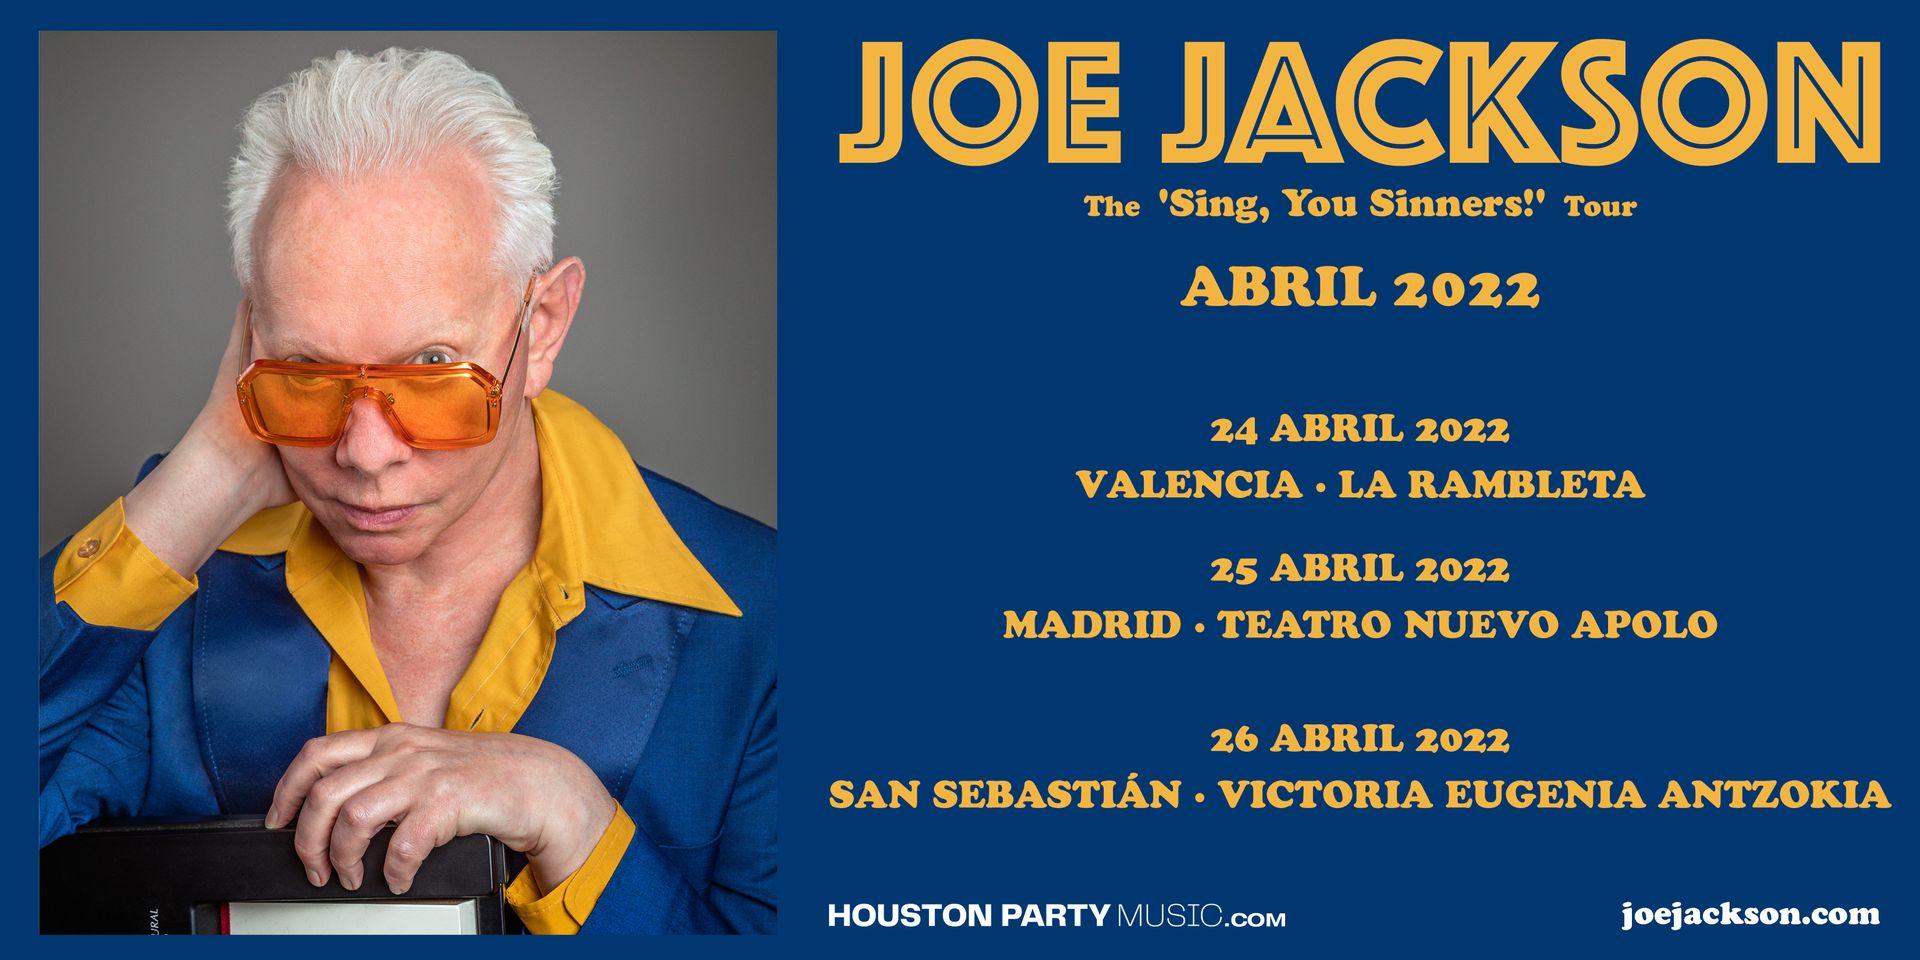 Joe Jackson añade el Teatro Nuevo Apolo de Madrid a su gira de abril de 2022